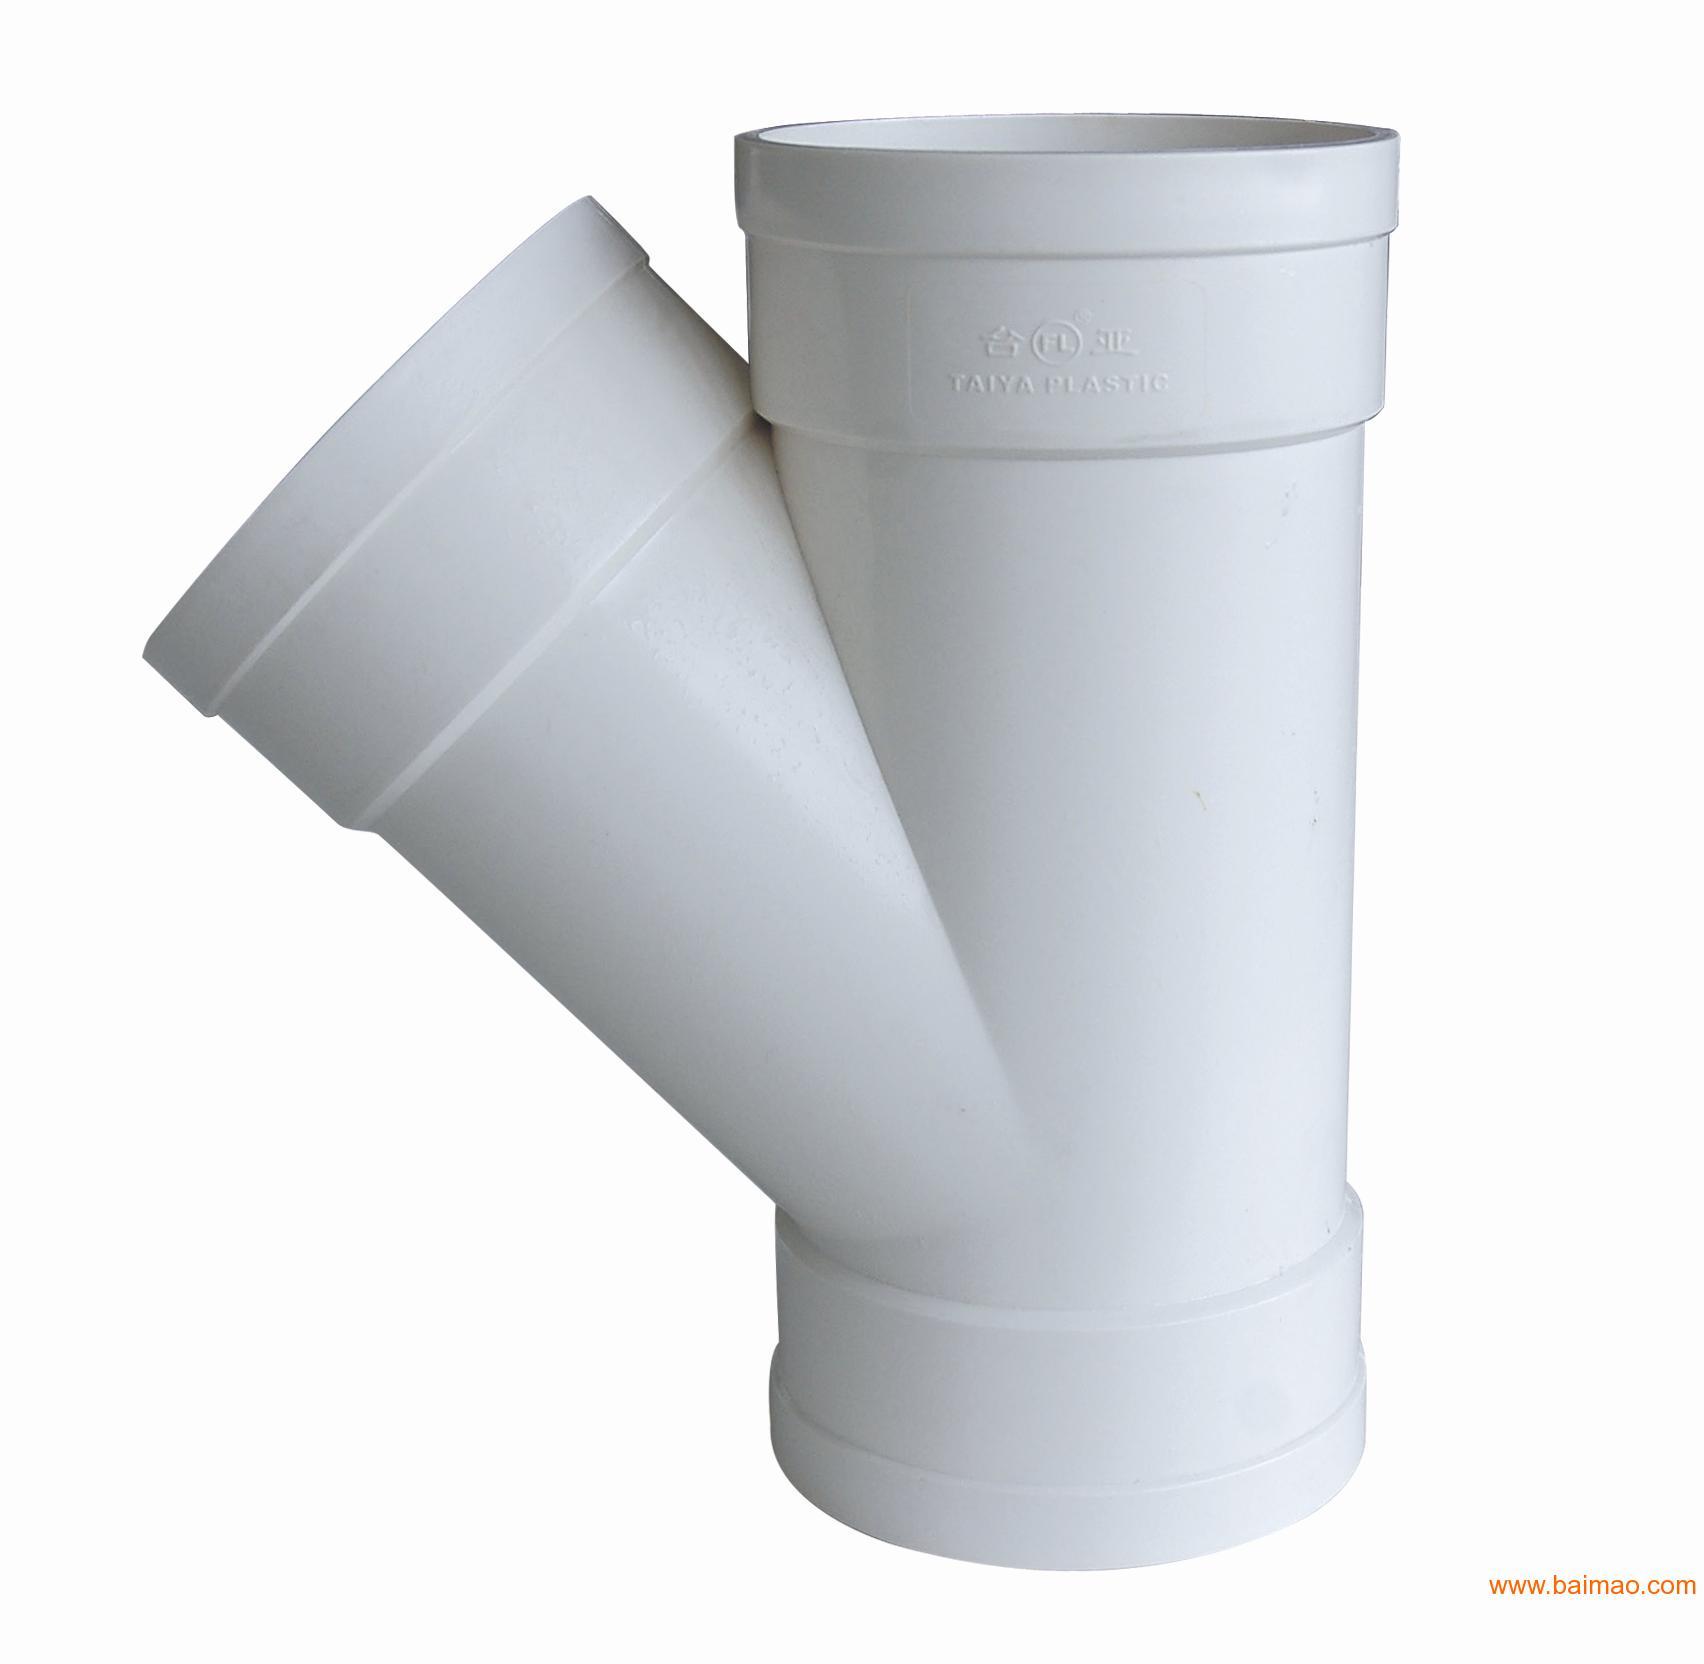 PVC斜三通 PVC排水管件,PVC斜三通 PVC排水管件生产厂家,PVC